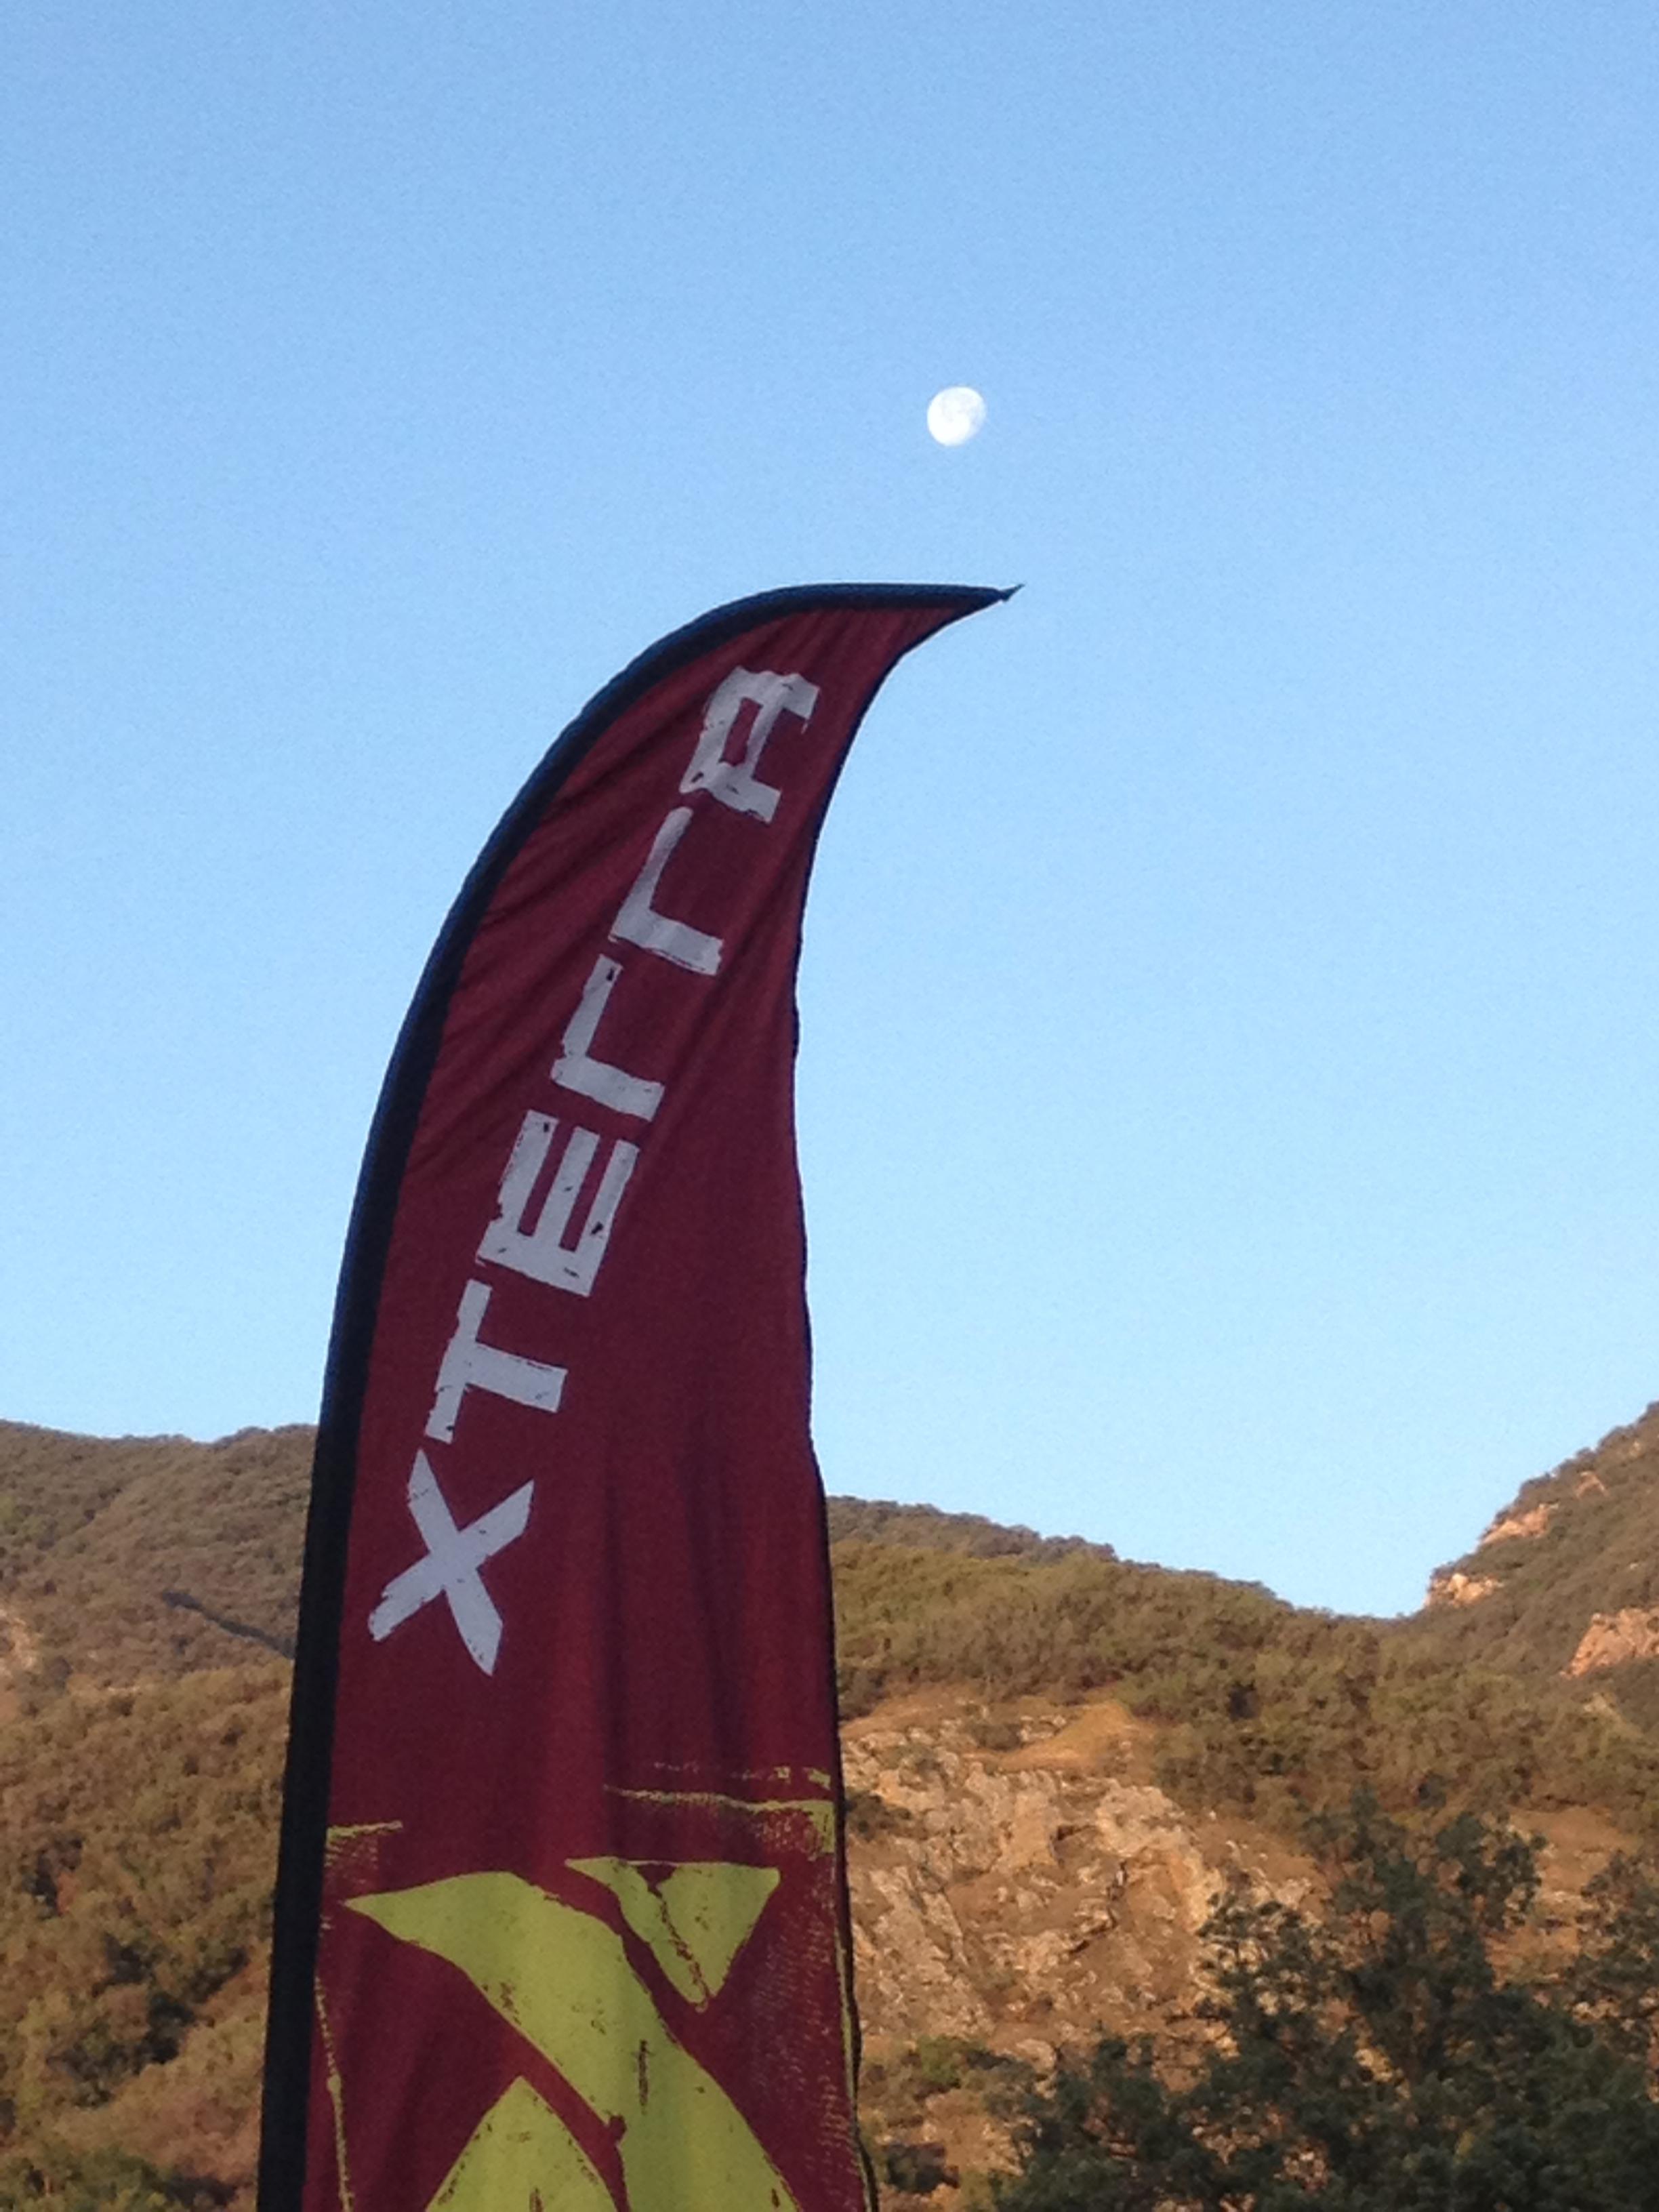 XTERRA sign